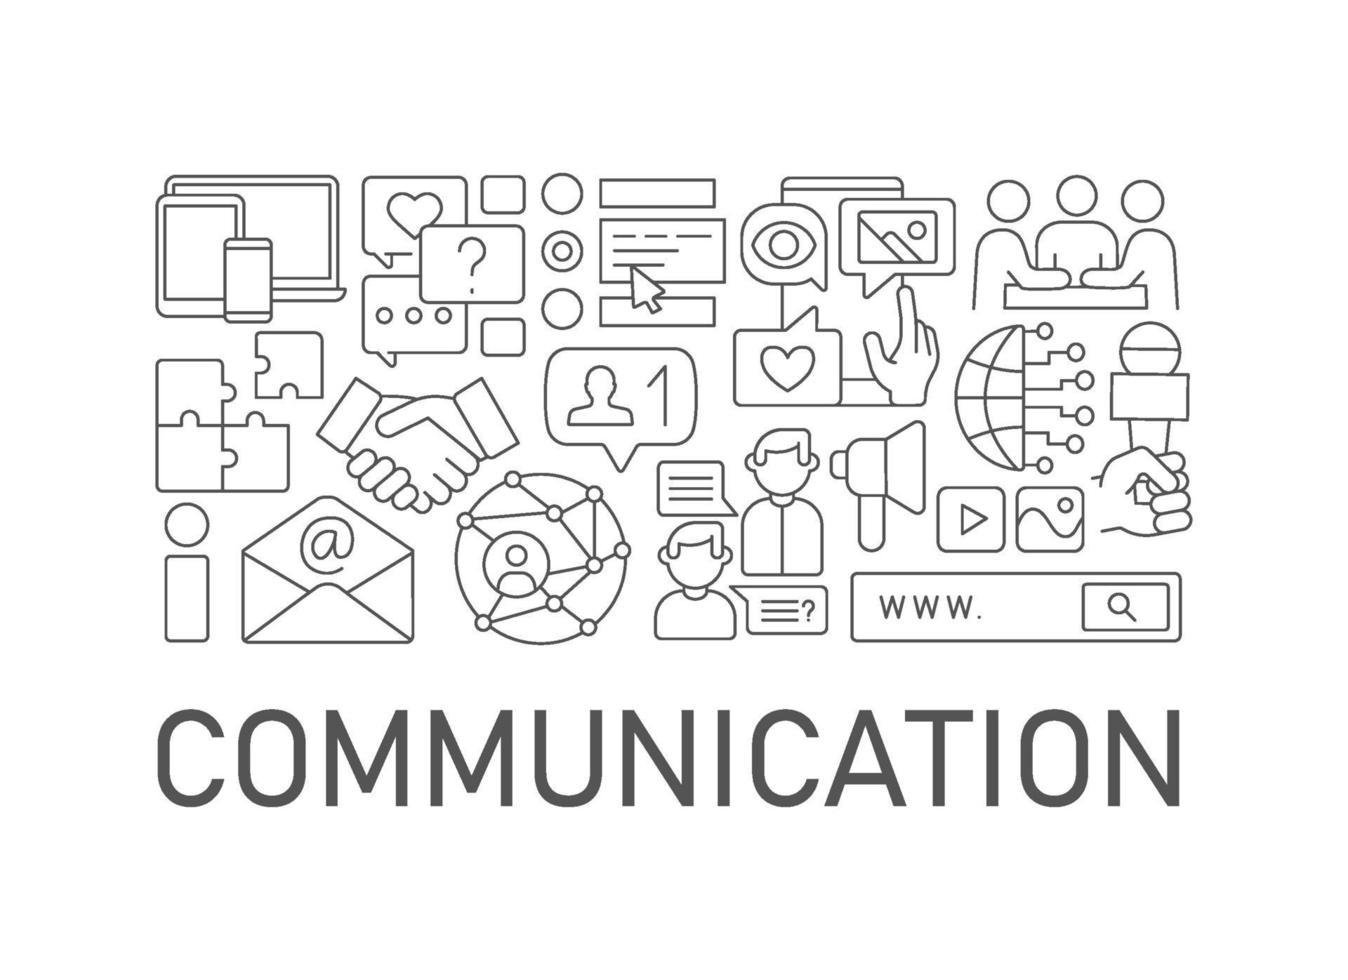 kommunikation abstrakt linjär konceptlayout med rubrik vektor